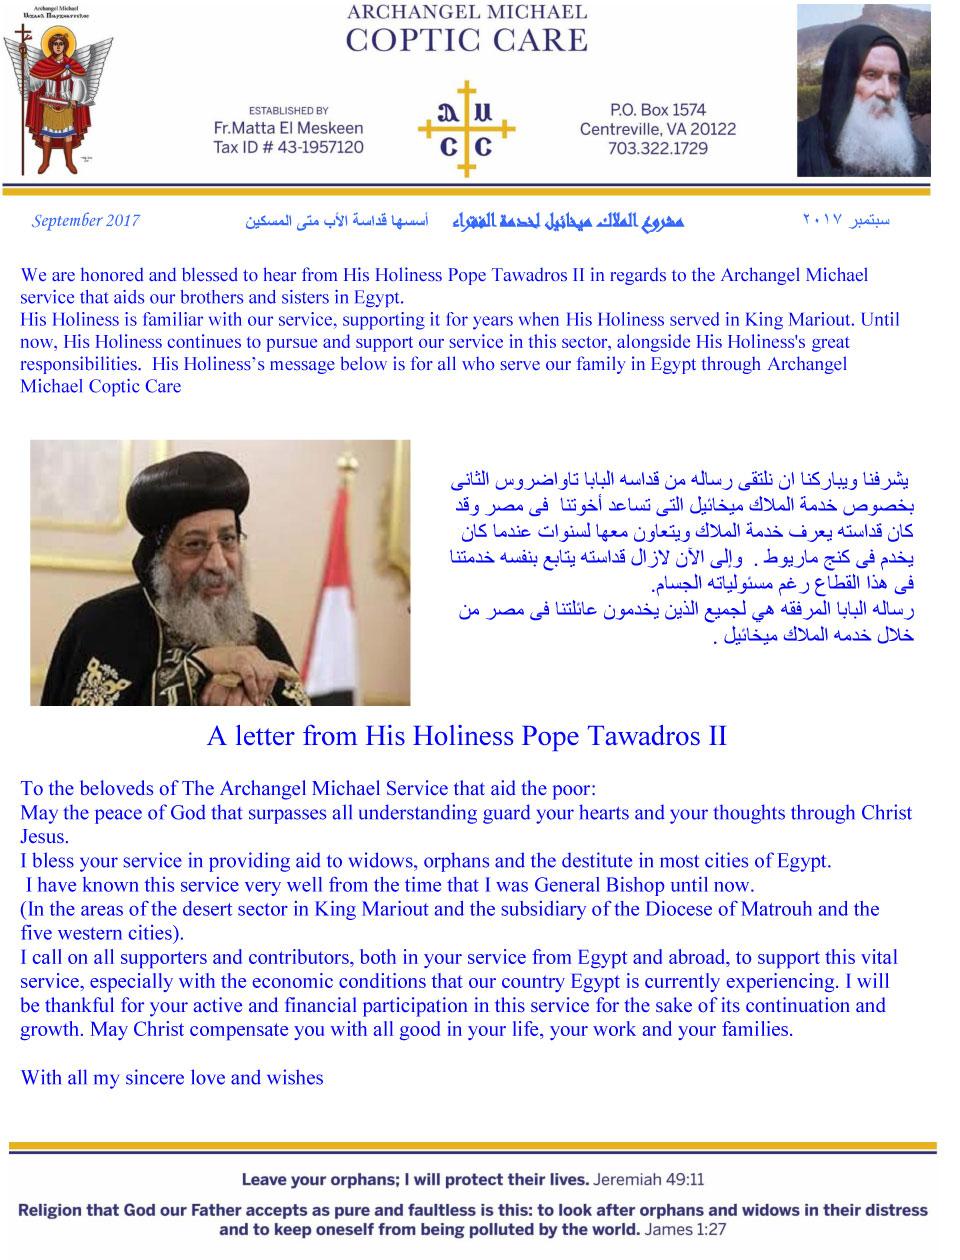 Pope-Tawadros-II-SEPTEMBER-LETTER-2017_1.jpg